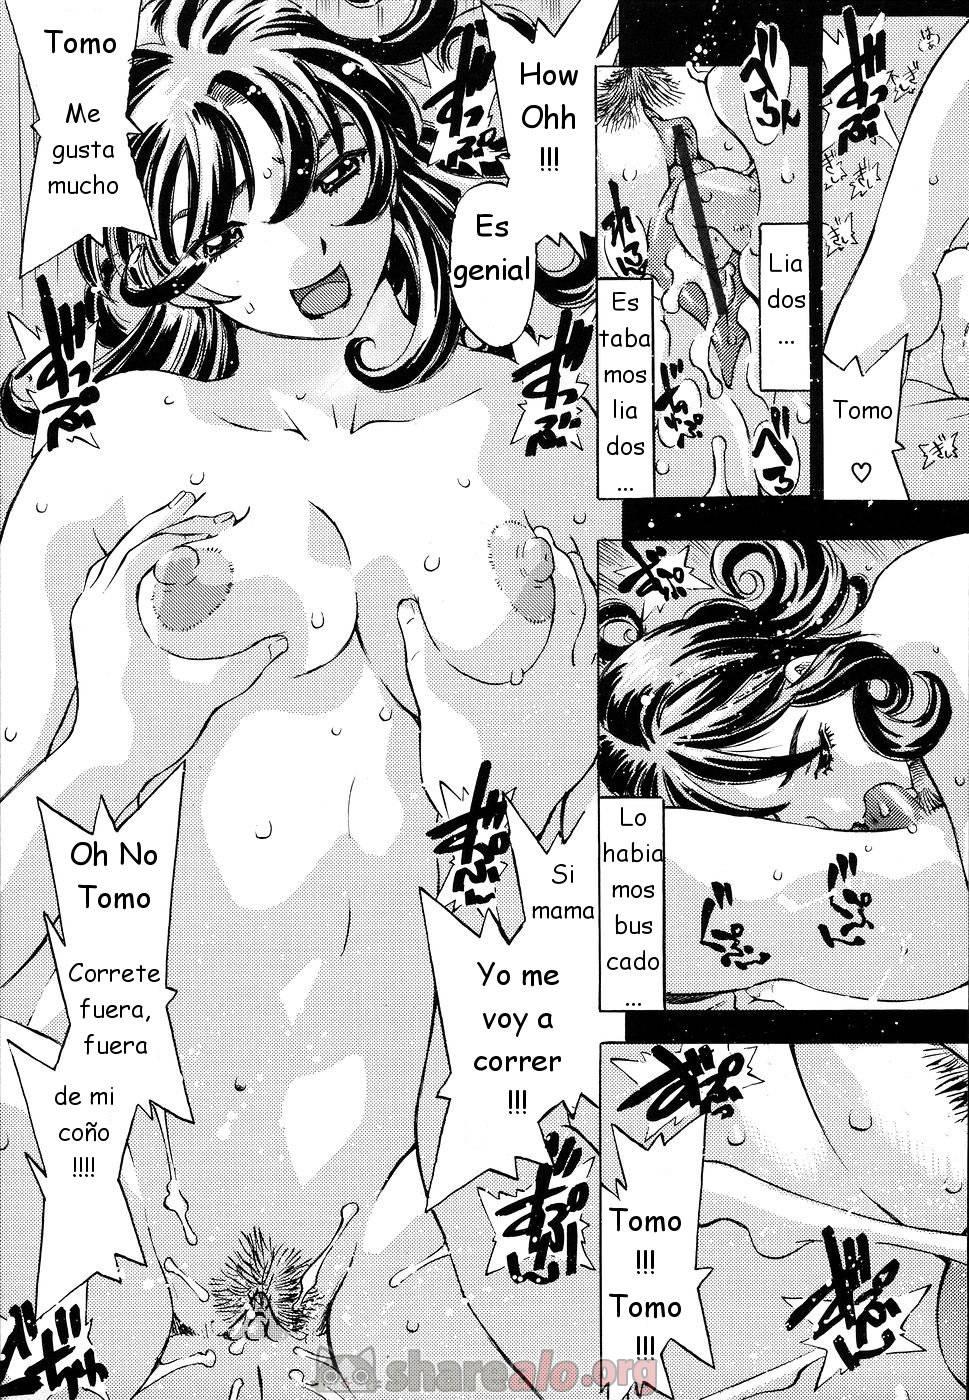 [ Inshoku no Kizuna Manga Hentai ]: Comics Porno Manga Hentai [ 81zWdqa8 ]